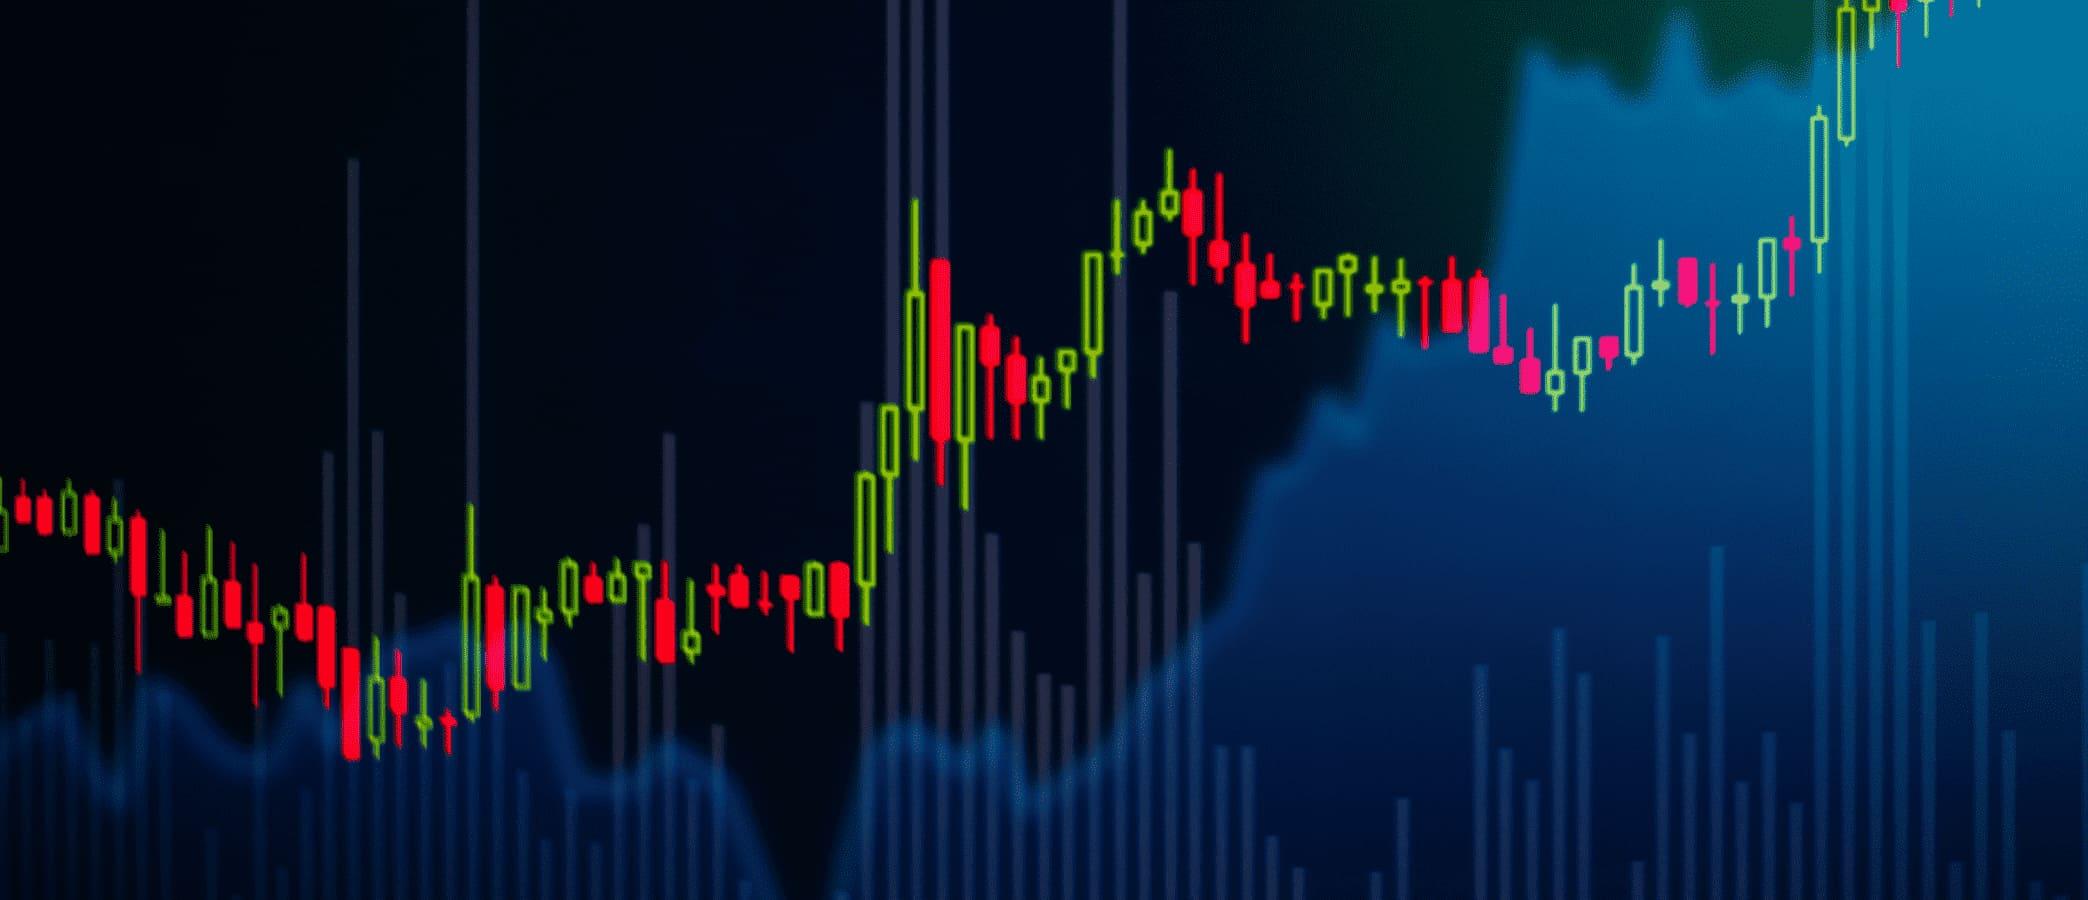 Технический анализ: уровни спроса и предложения на Форекс